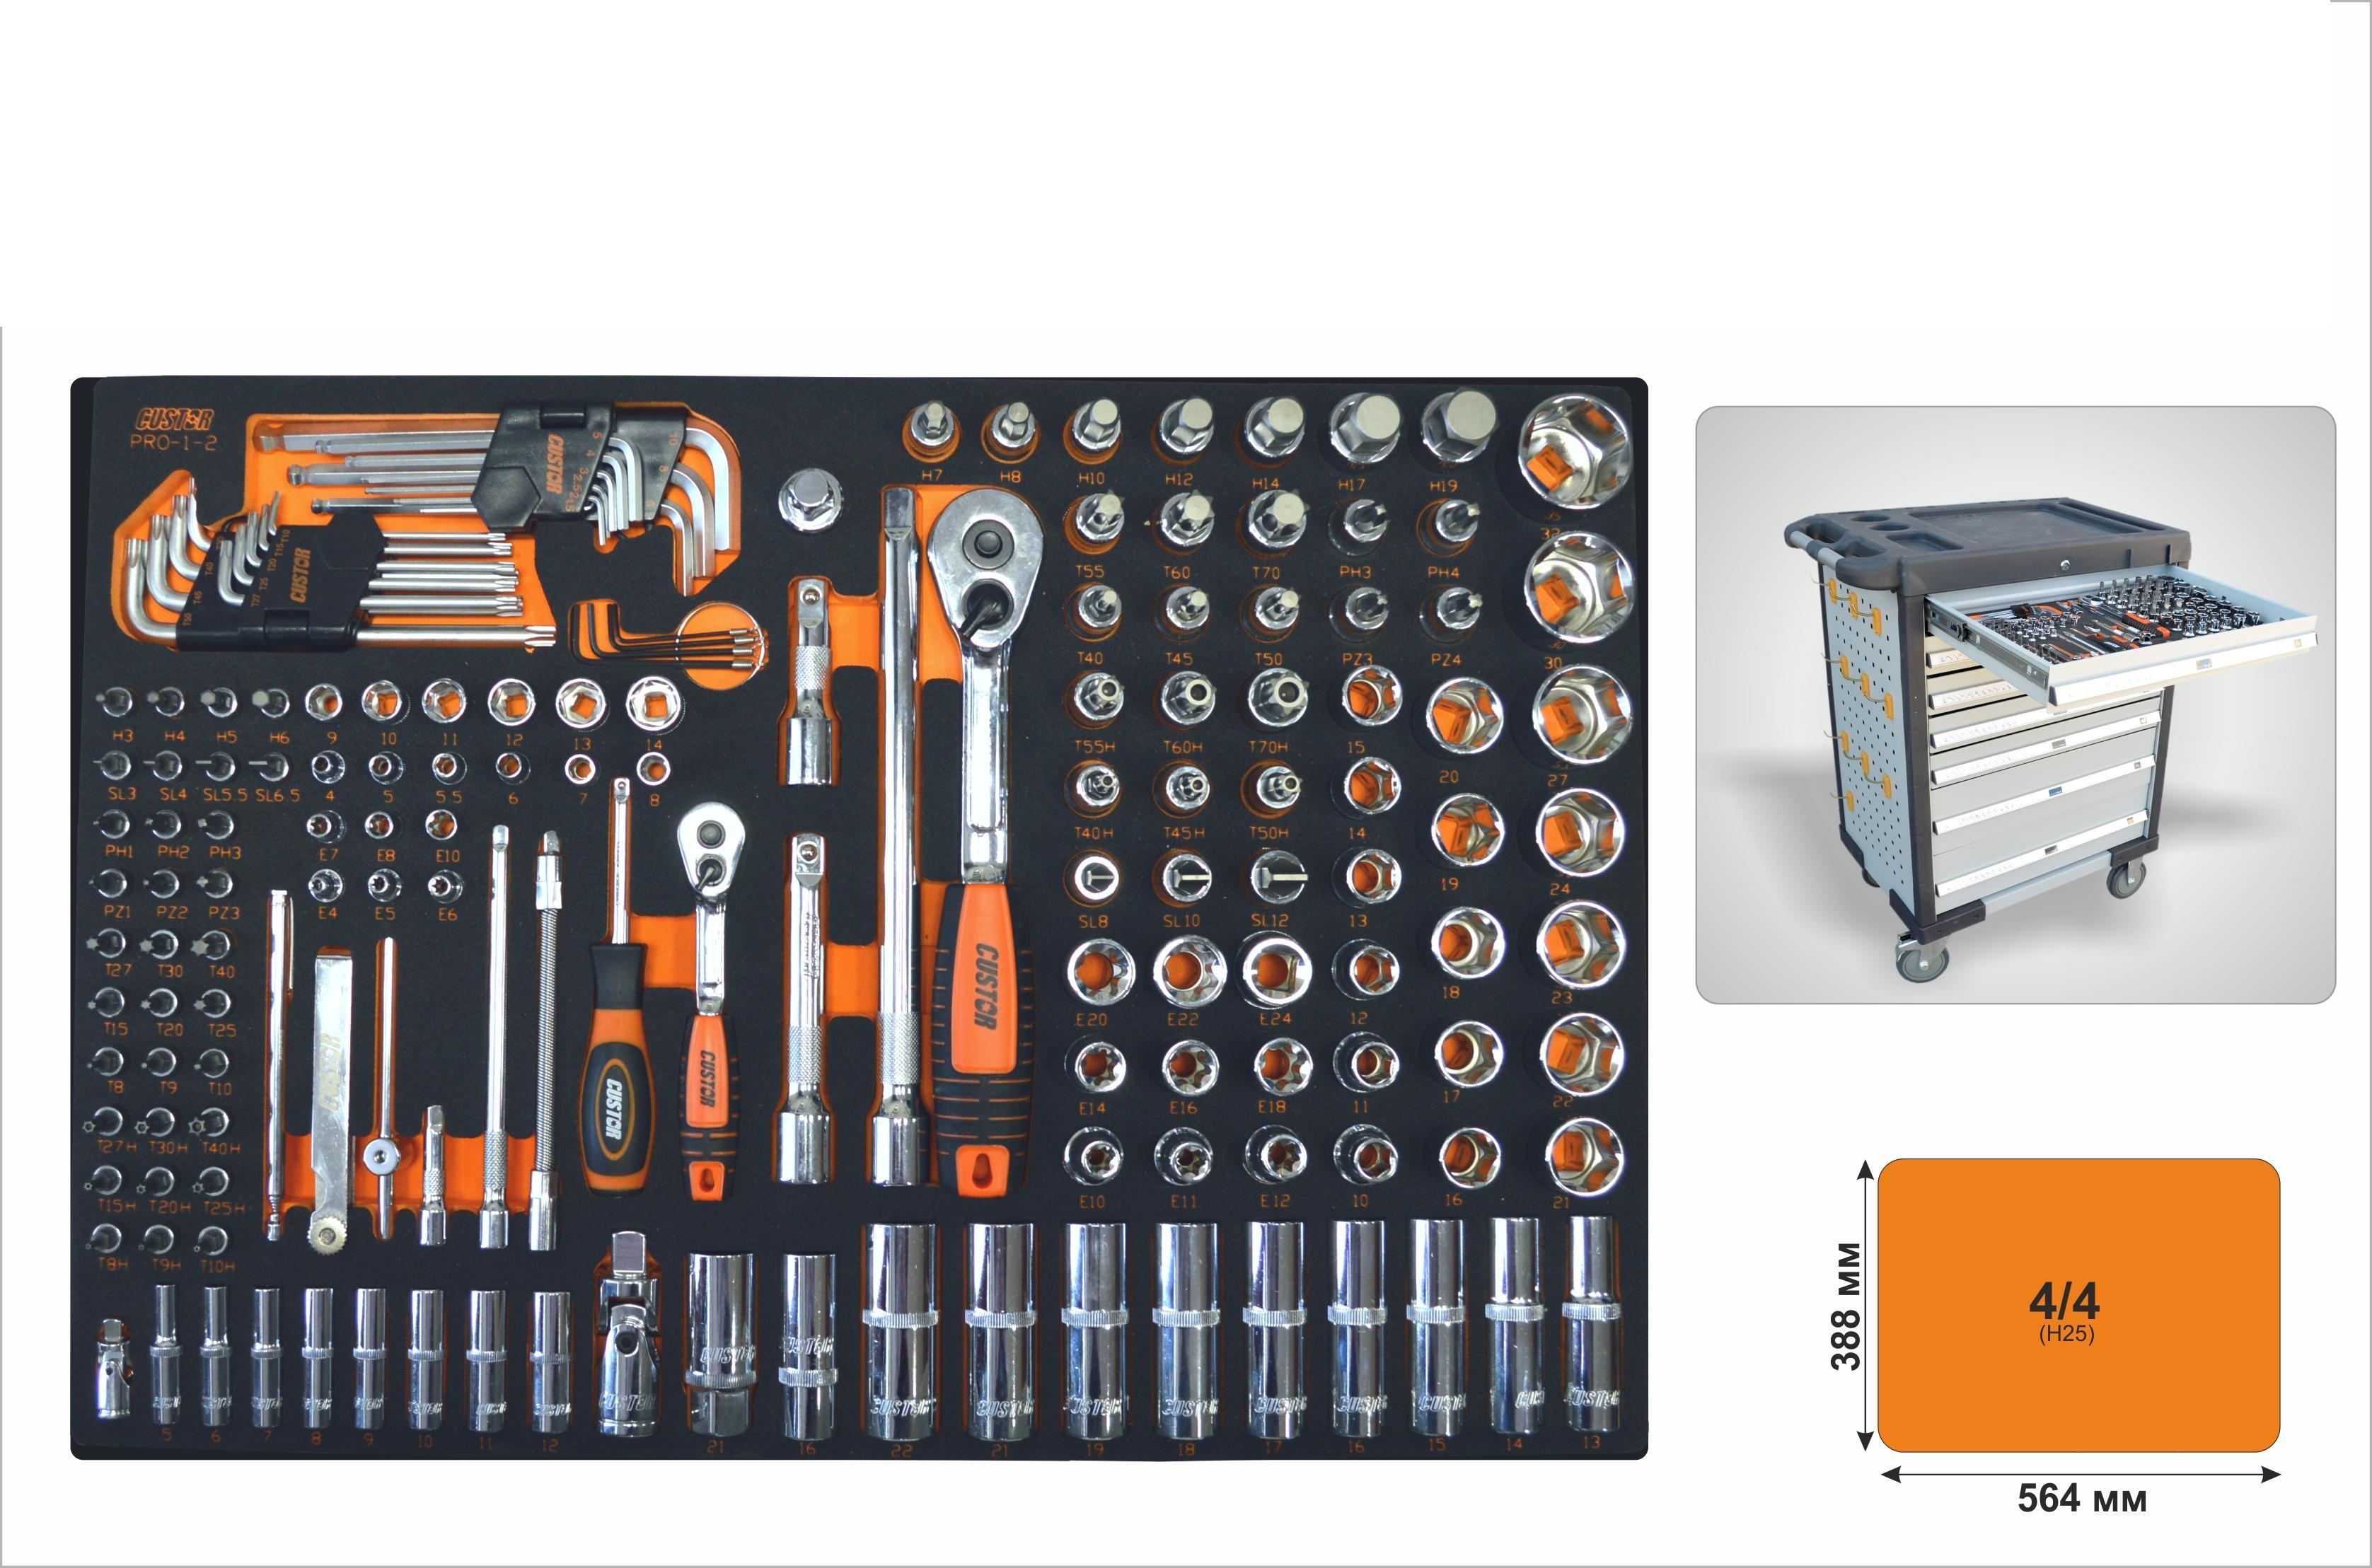 Набор инструментов Custor Pro-1-2 колска 2 в 1 deltim amelis pro 2 в 1 рама короб прогулка голубой жаккард